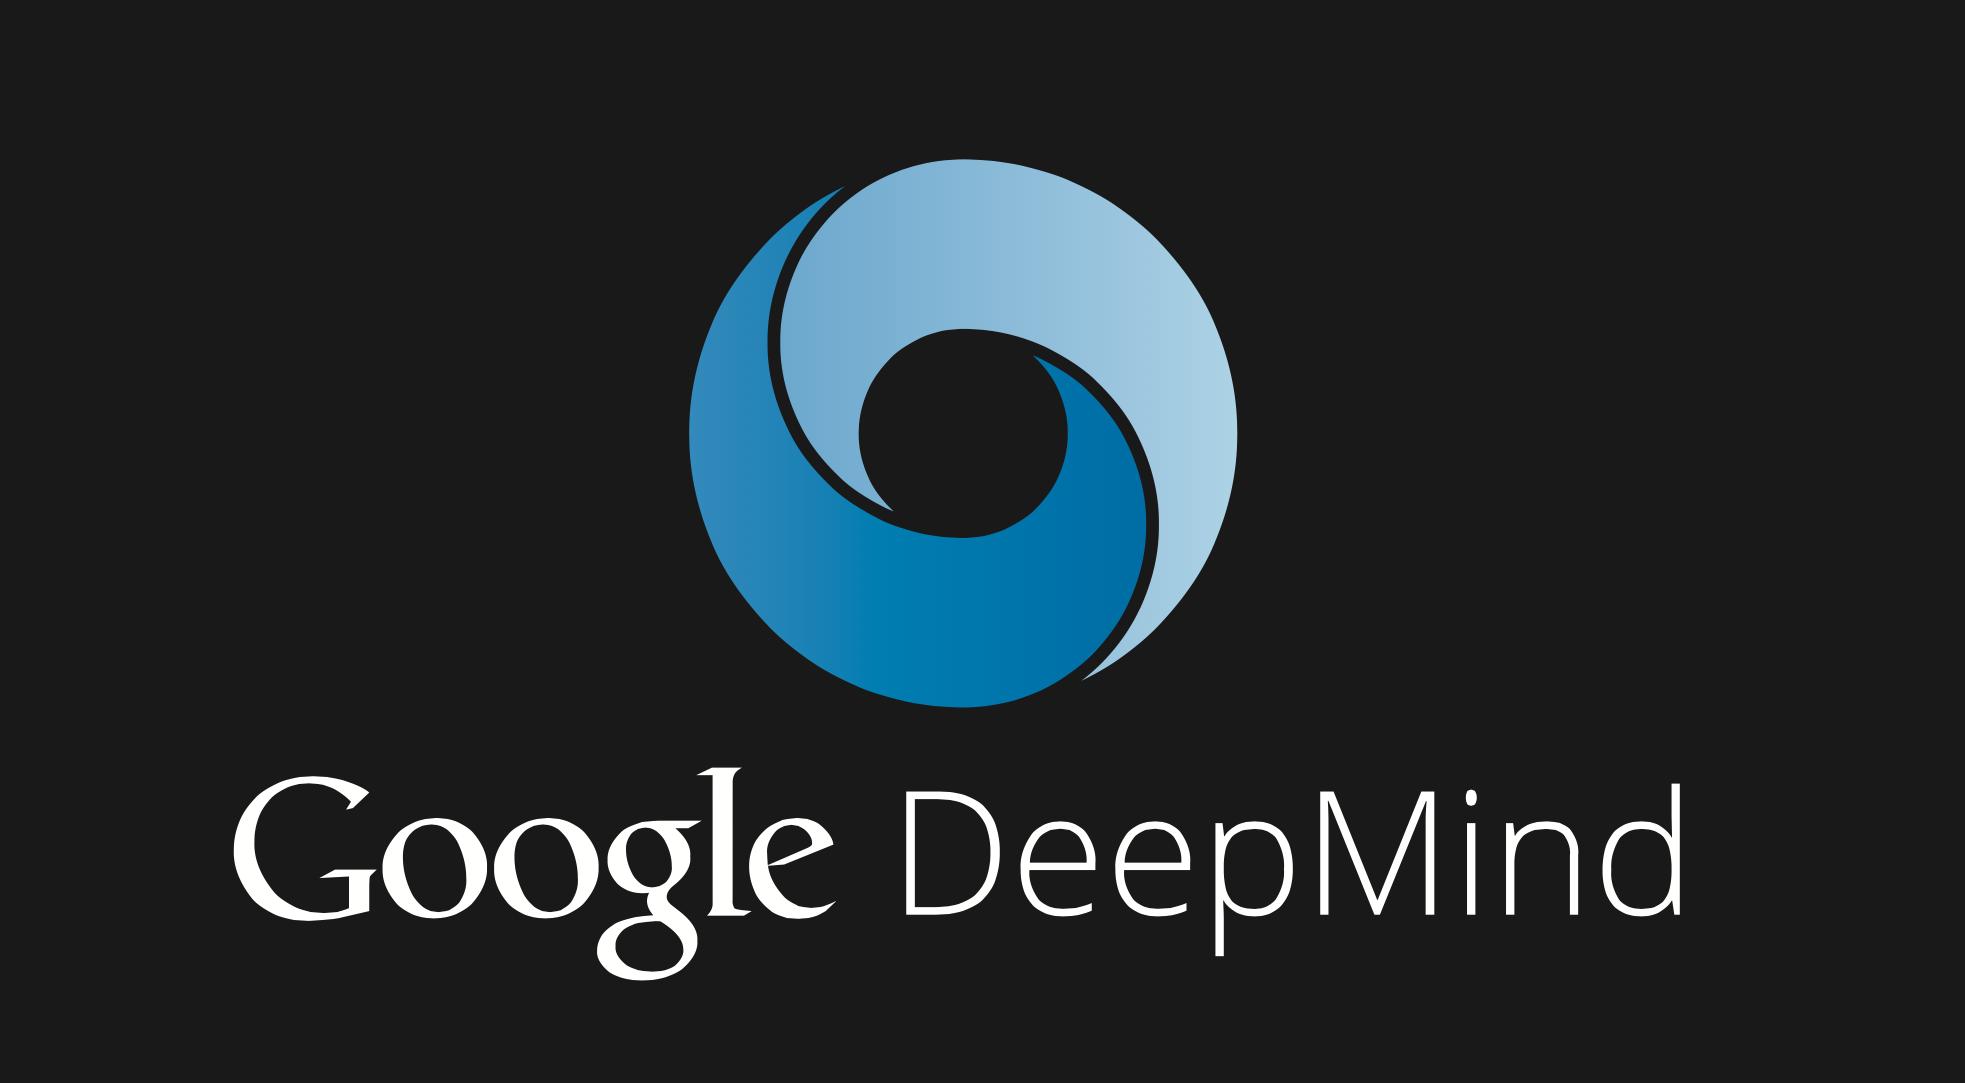 DeepMind crea una IA de StarCraft 2 que es mejor que el 99,8% de los jugadores